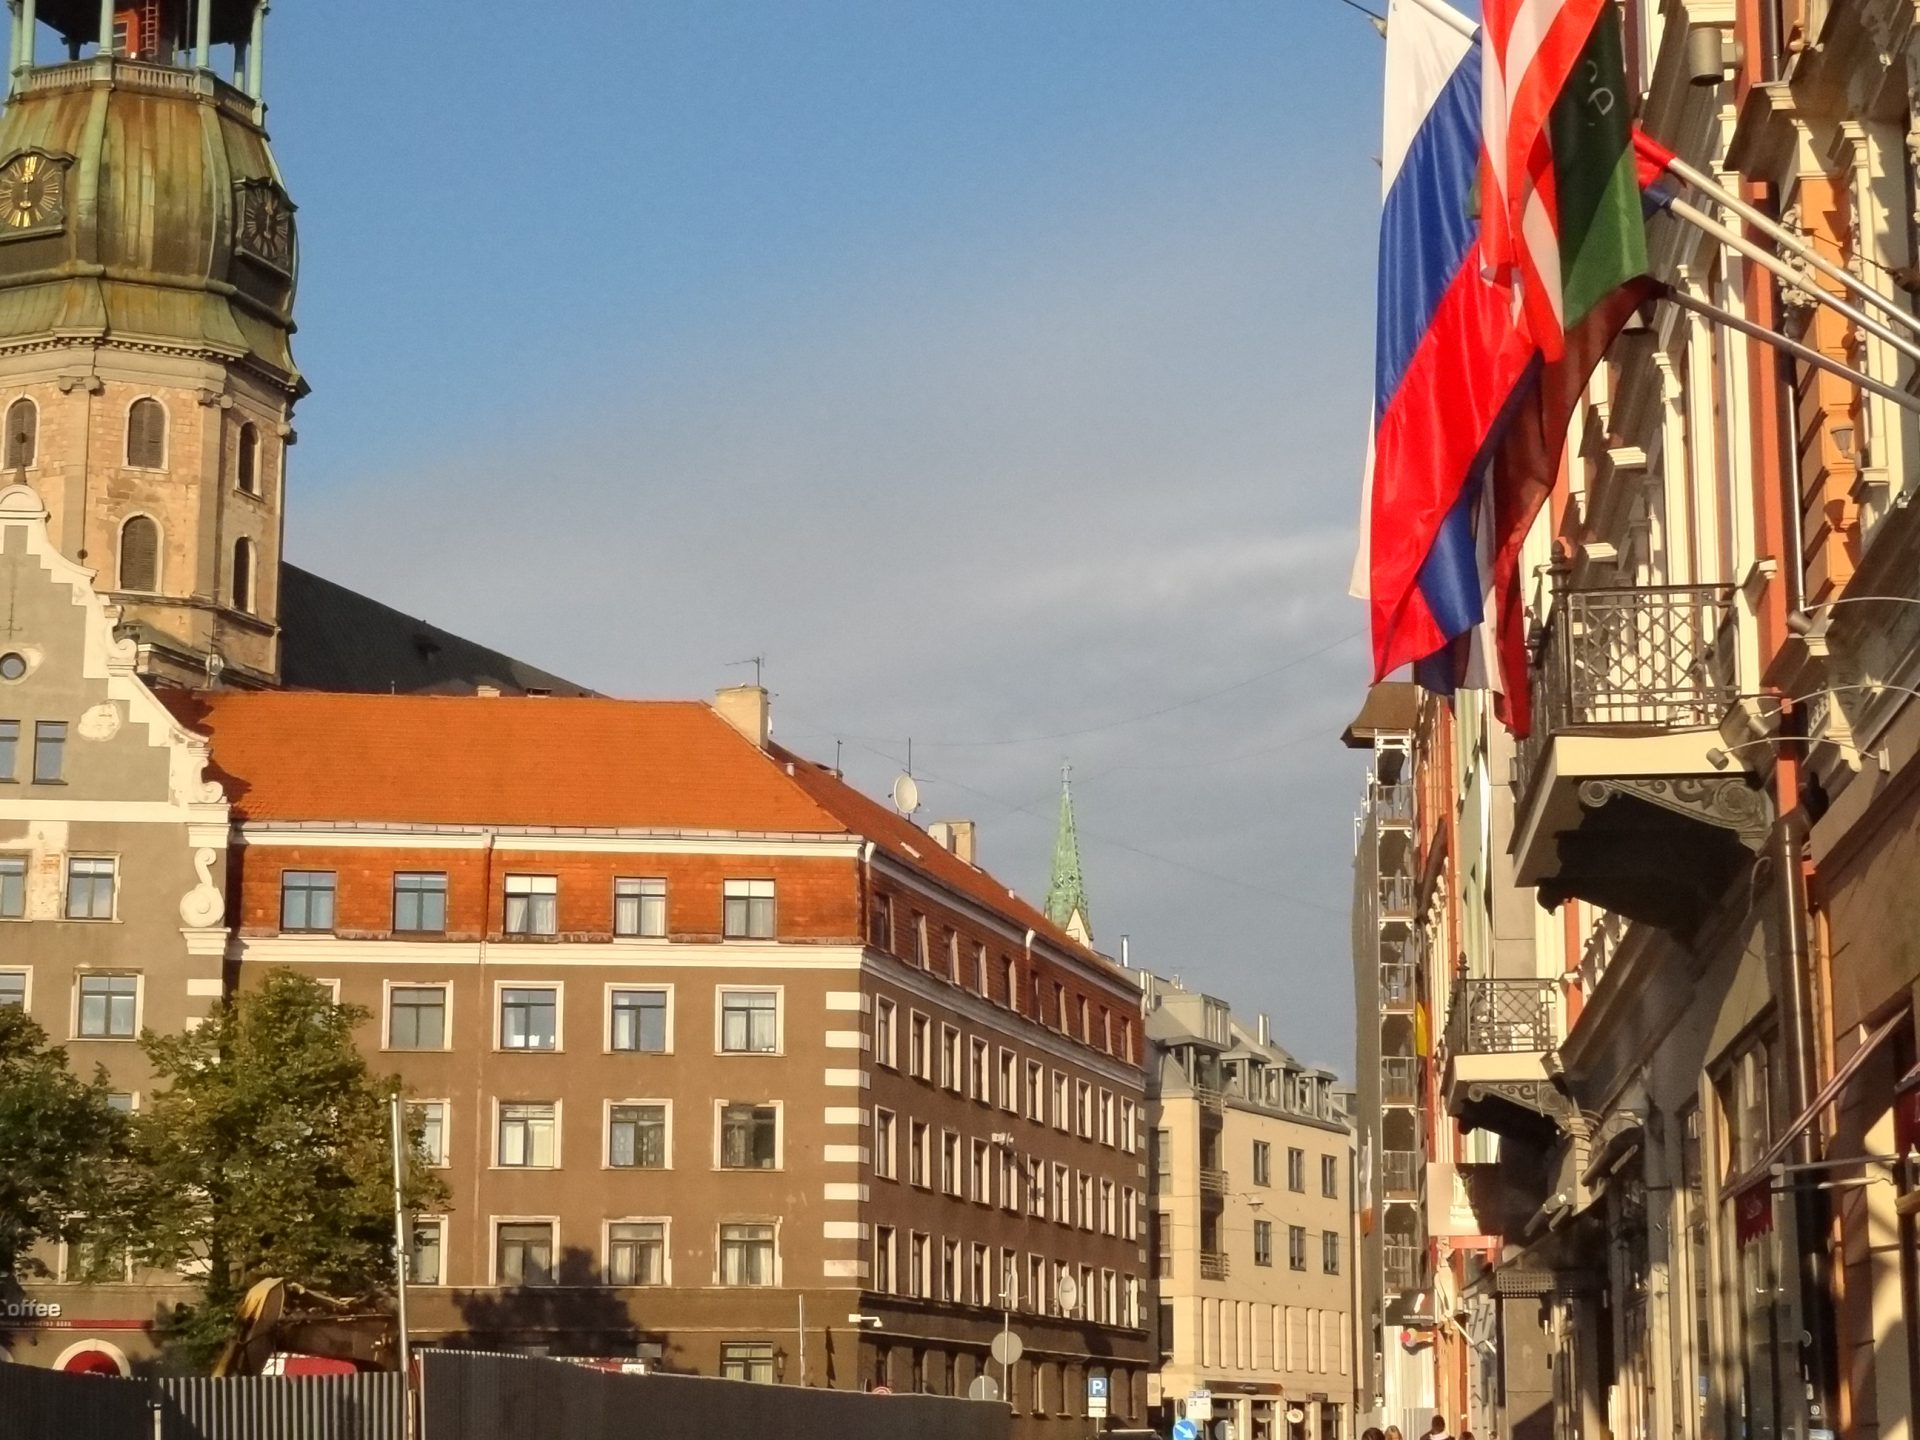 Продается квартира в Старой Риге на ул. Грециниеку 26